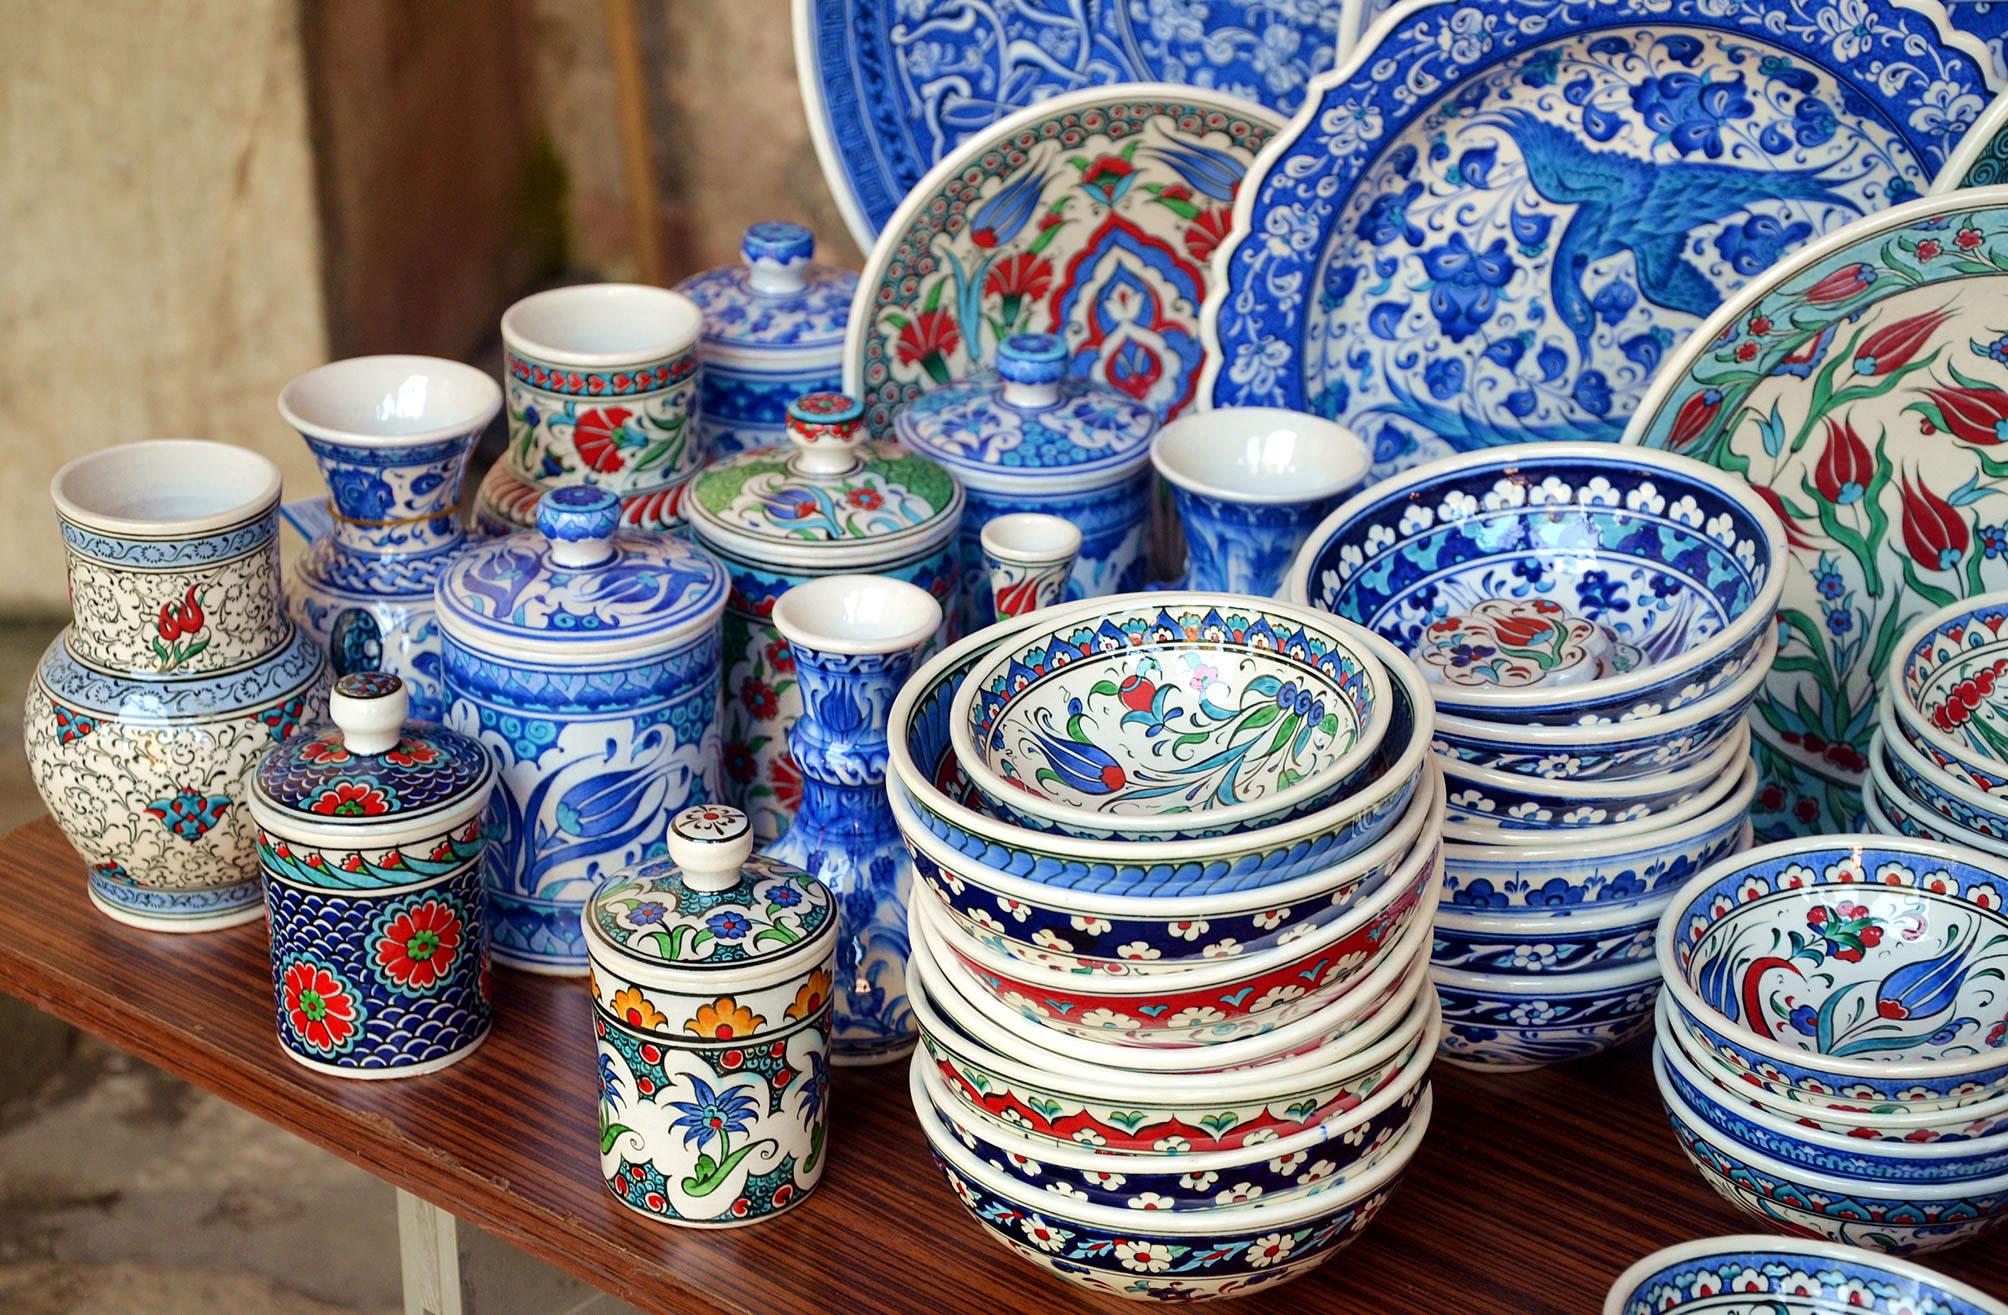 Турецкая керамическая посуда, лучшие сувениры из Турции turkish souvenirs from Turkey